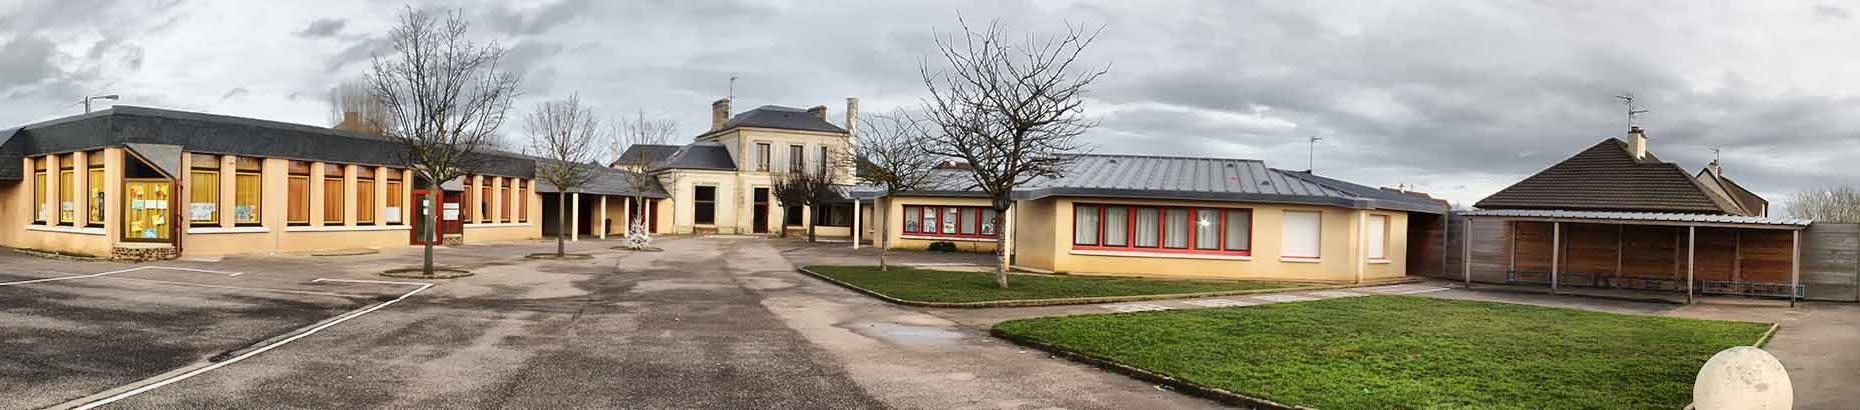 École élémentaire René Lemonnier